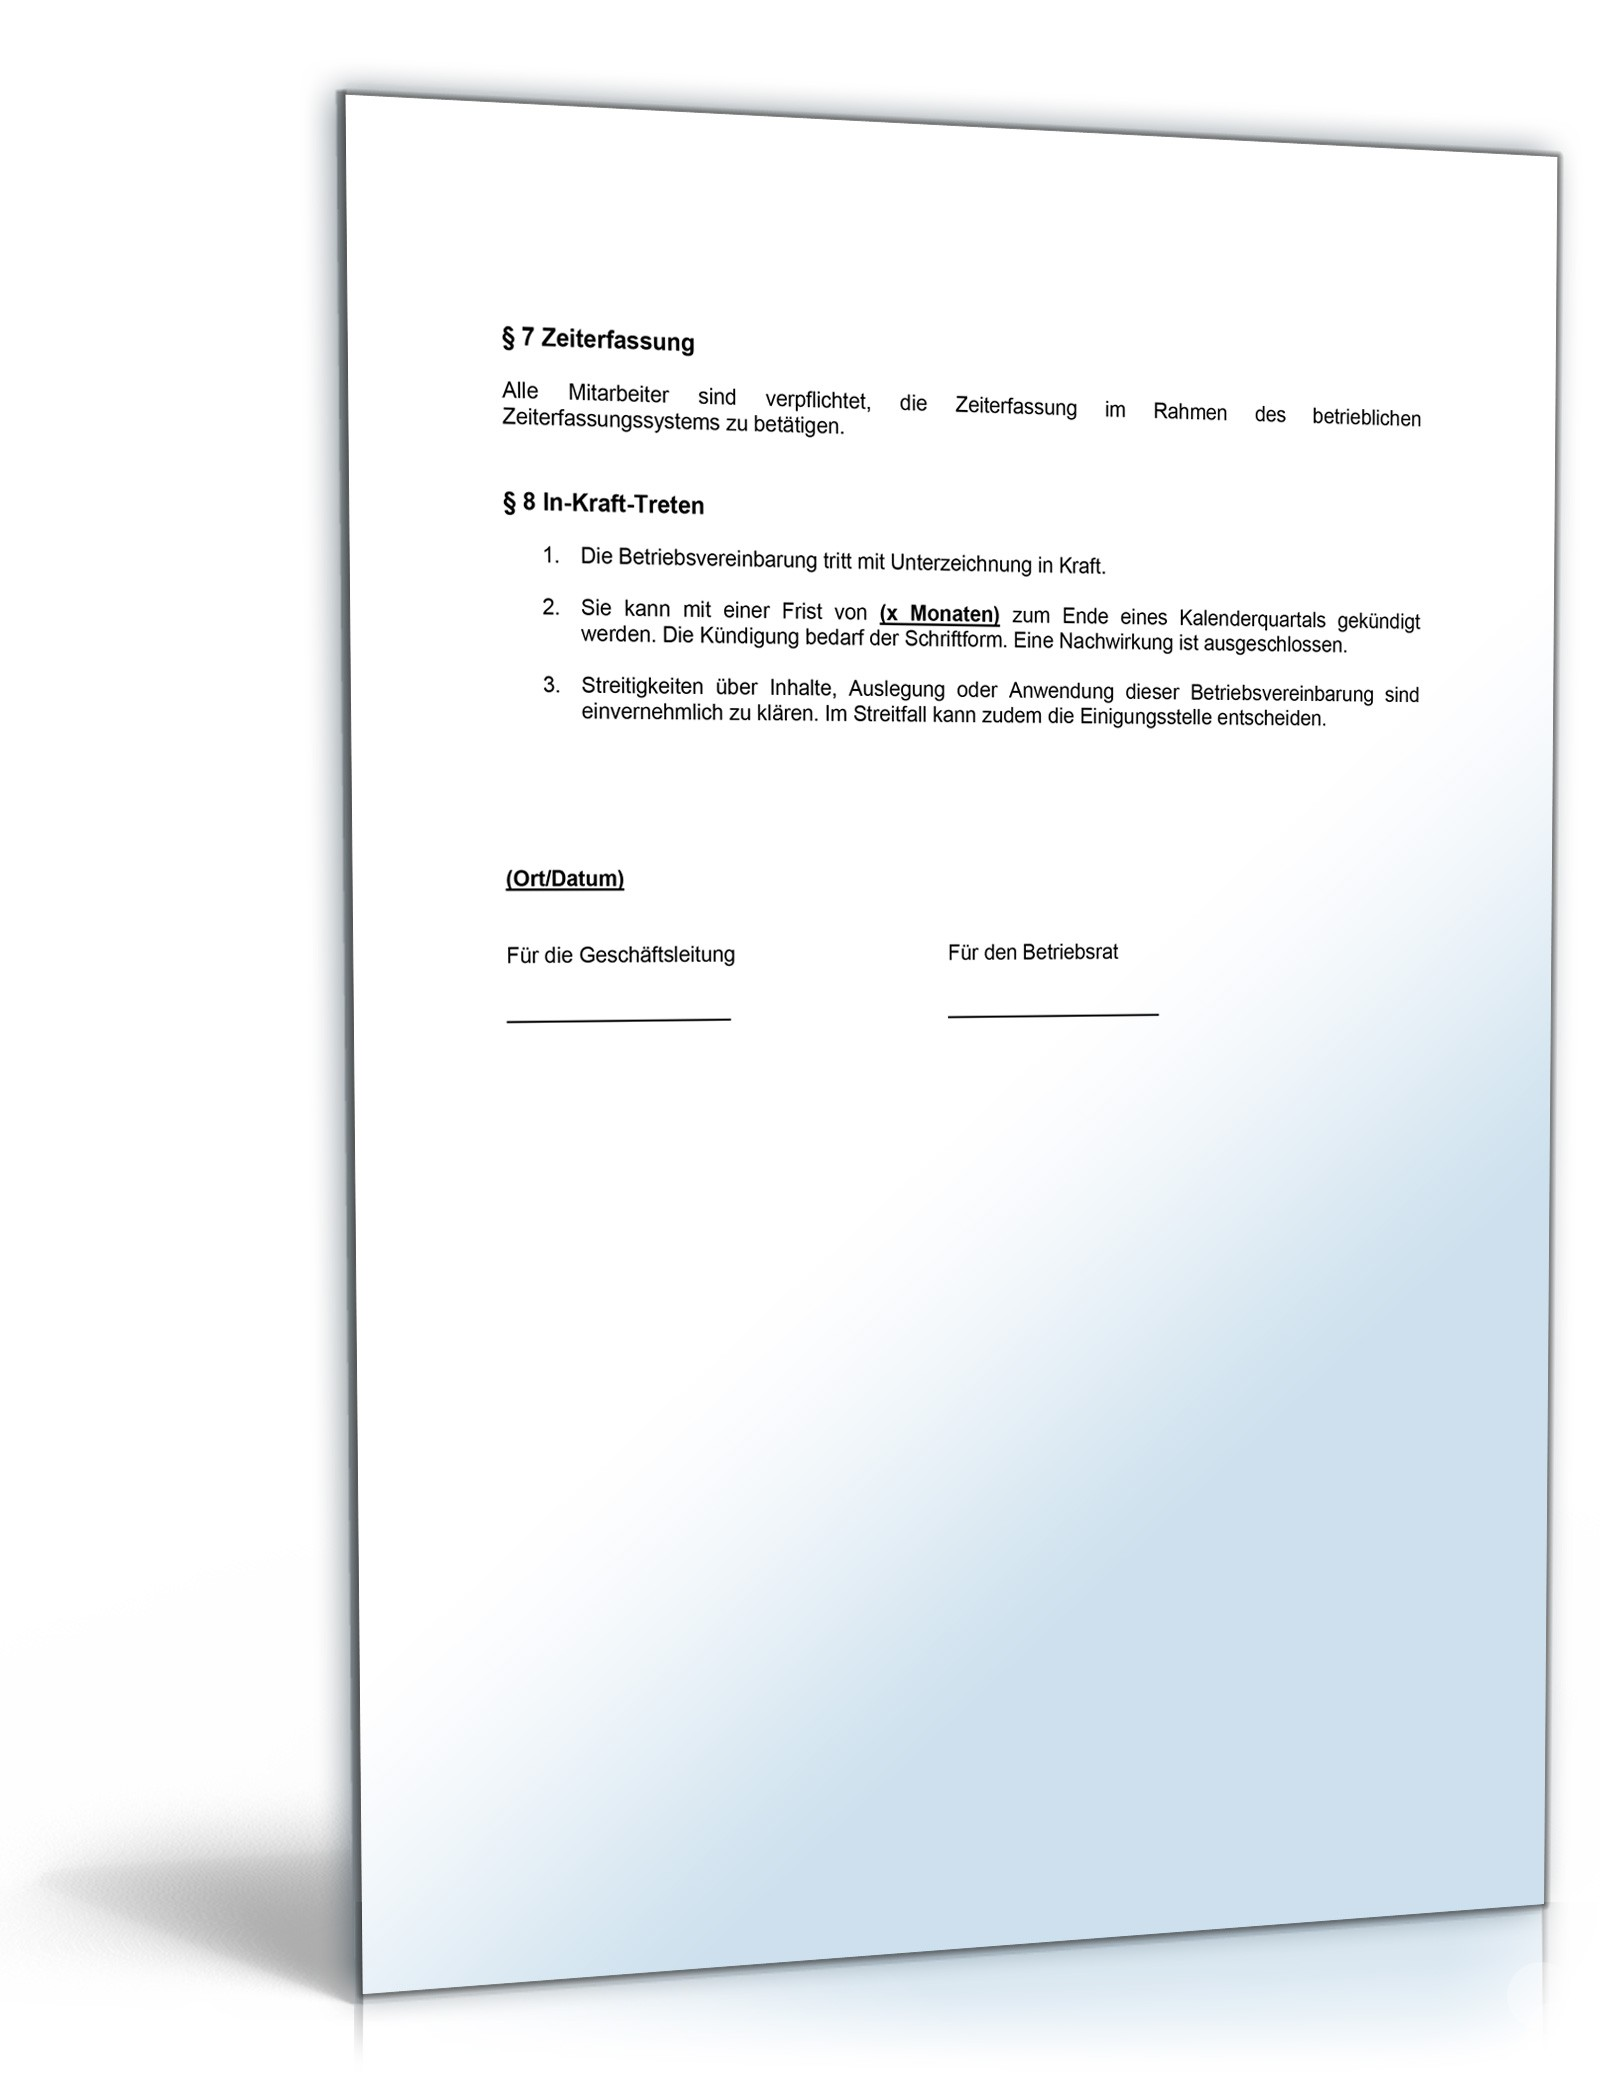 Tolle Betriebsvereinbarung Vorlage Galerie - Beispiel Wiederaufnahme ...